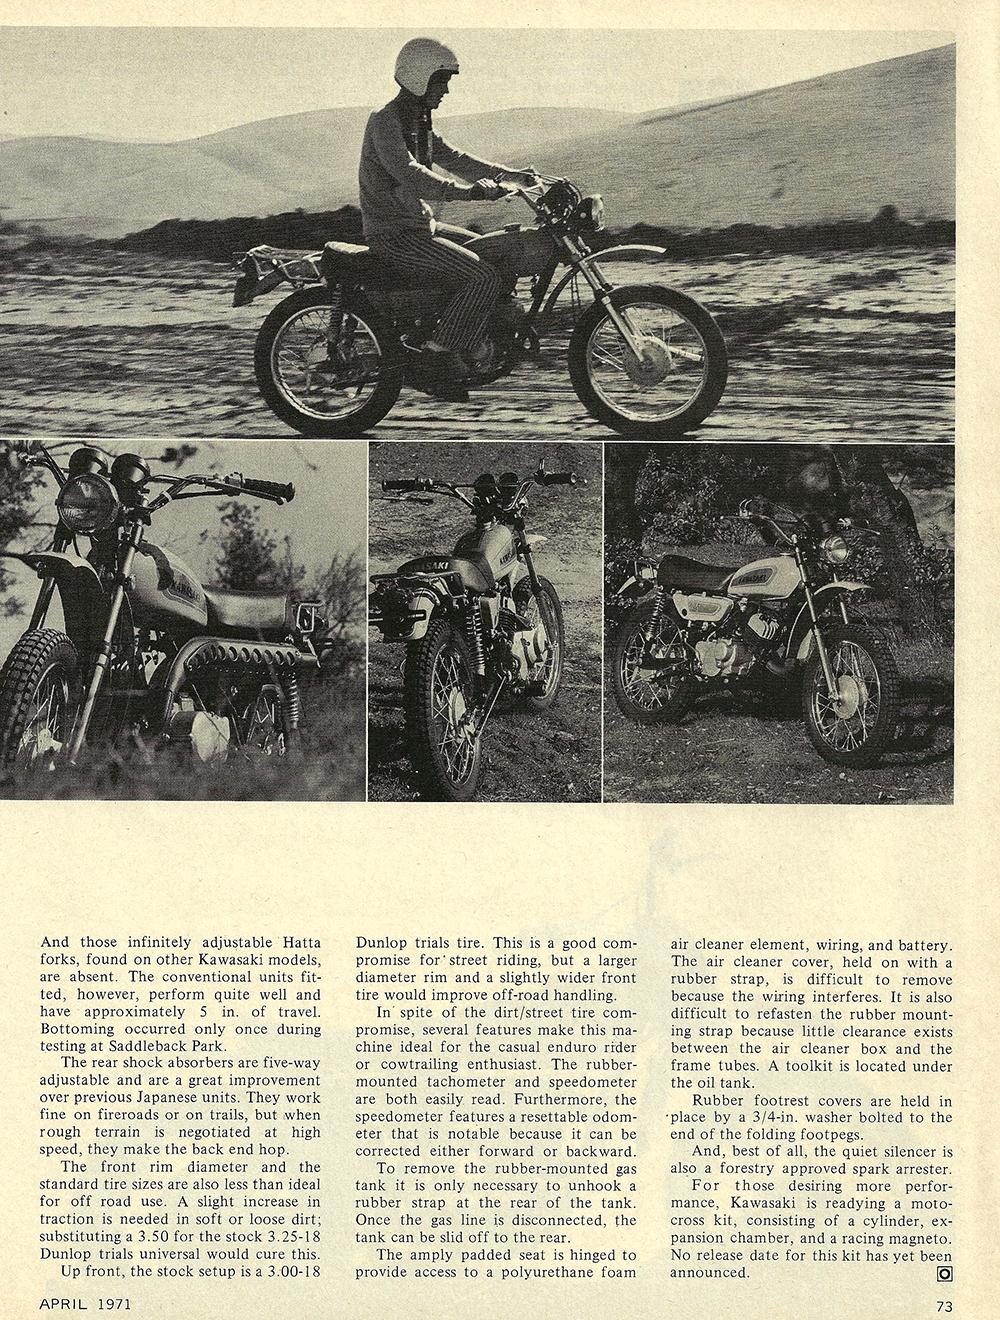 1971 Kawasaki 125 Enduro short test 02.jpg